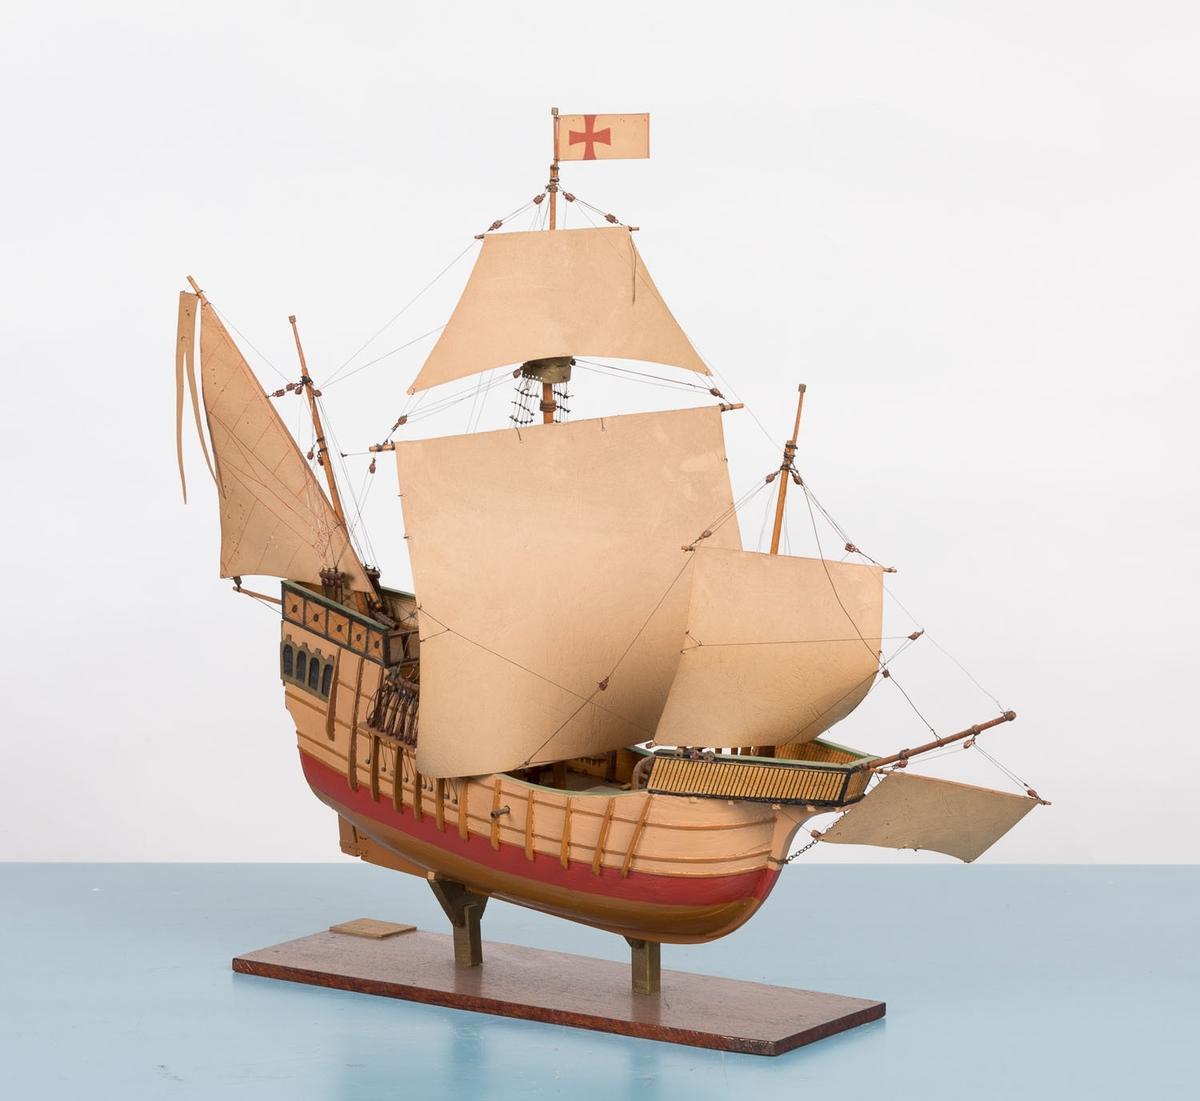 """Modell av karavellen """"Santa Maria"""" fra 1422. Modell av skipet som Christopher Columbus braukte da han oppdaget Amerika i 1492. Materialkostnader oppgitt til kr 85,-"""